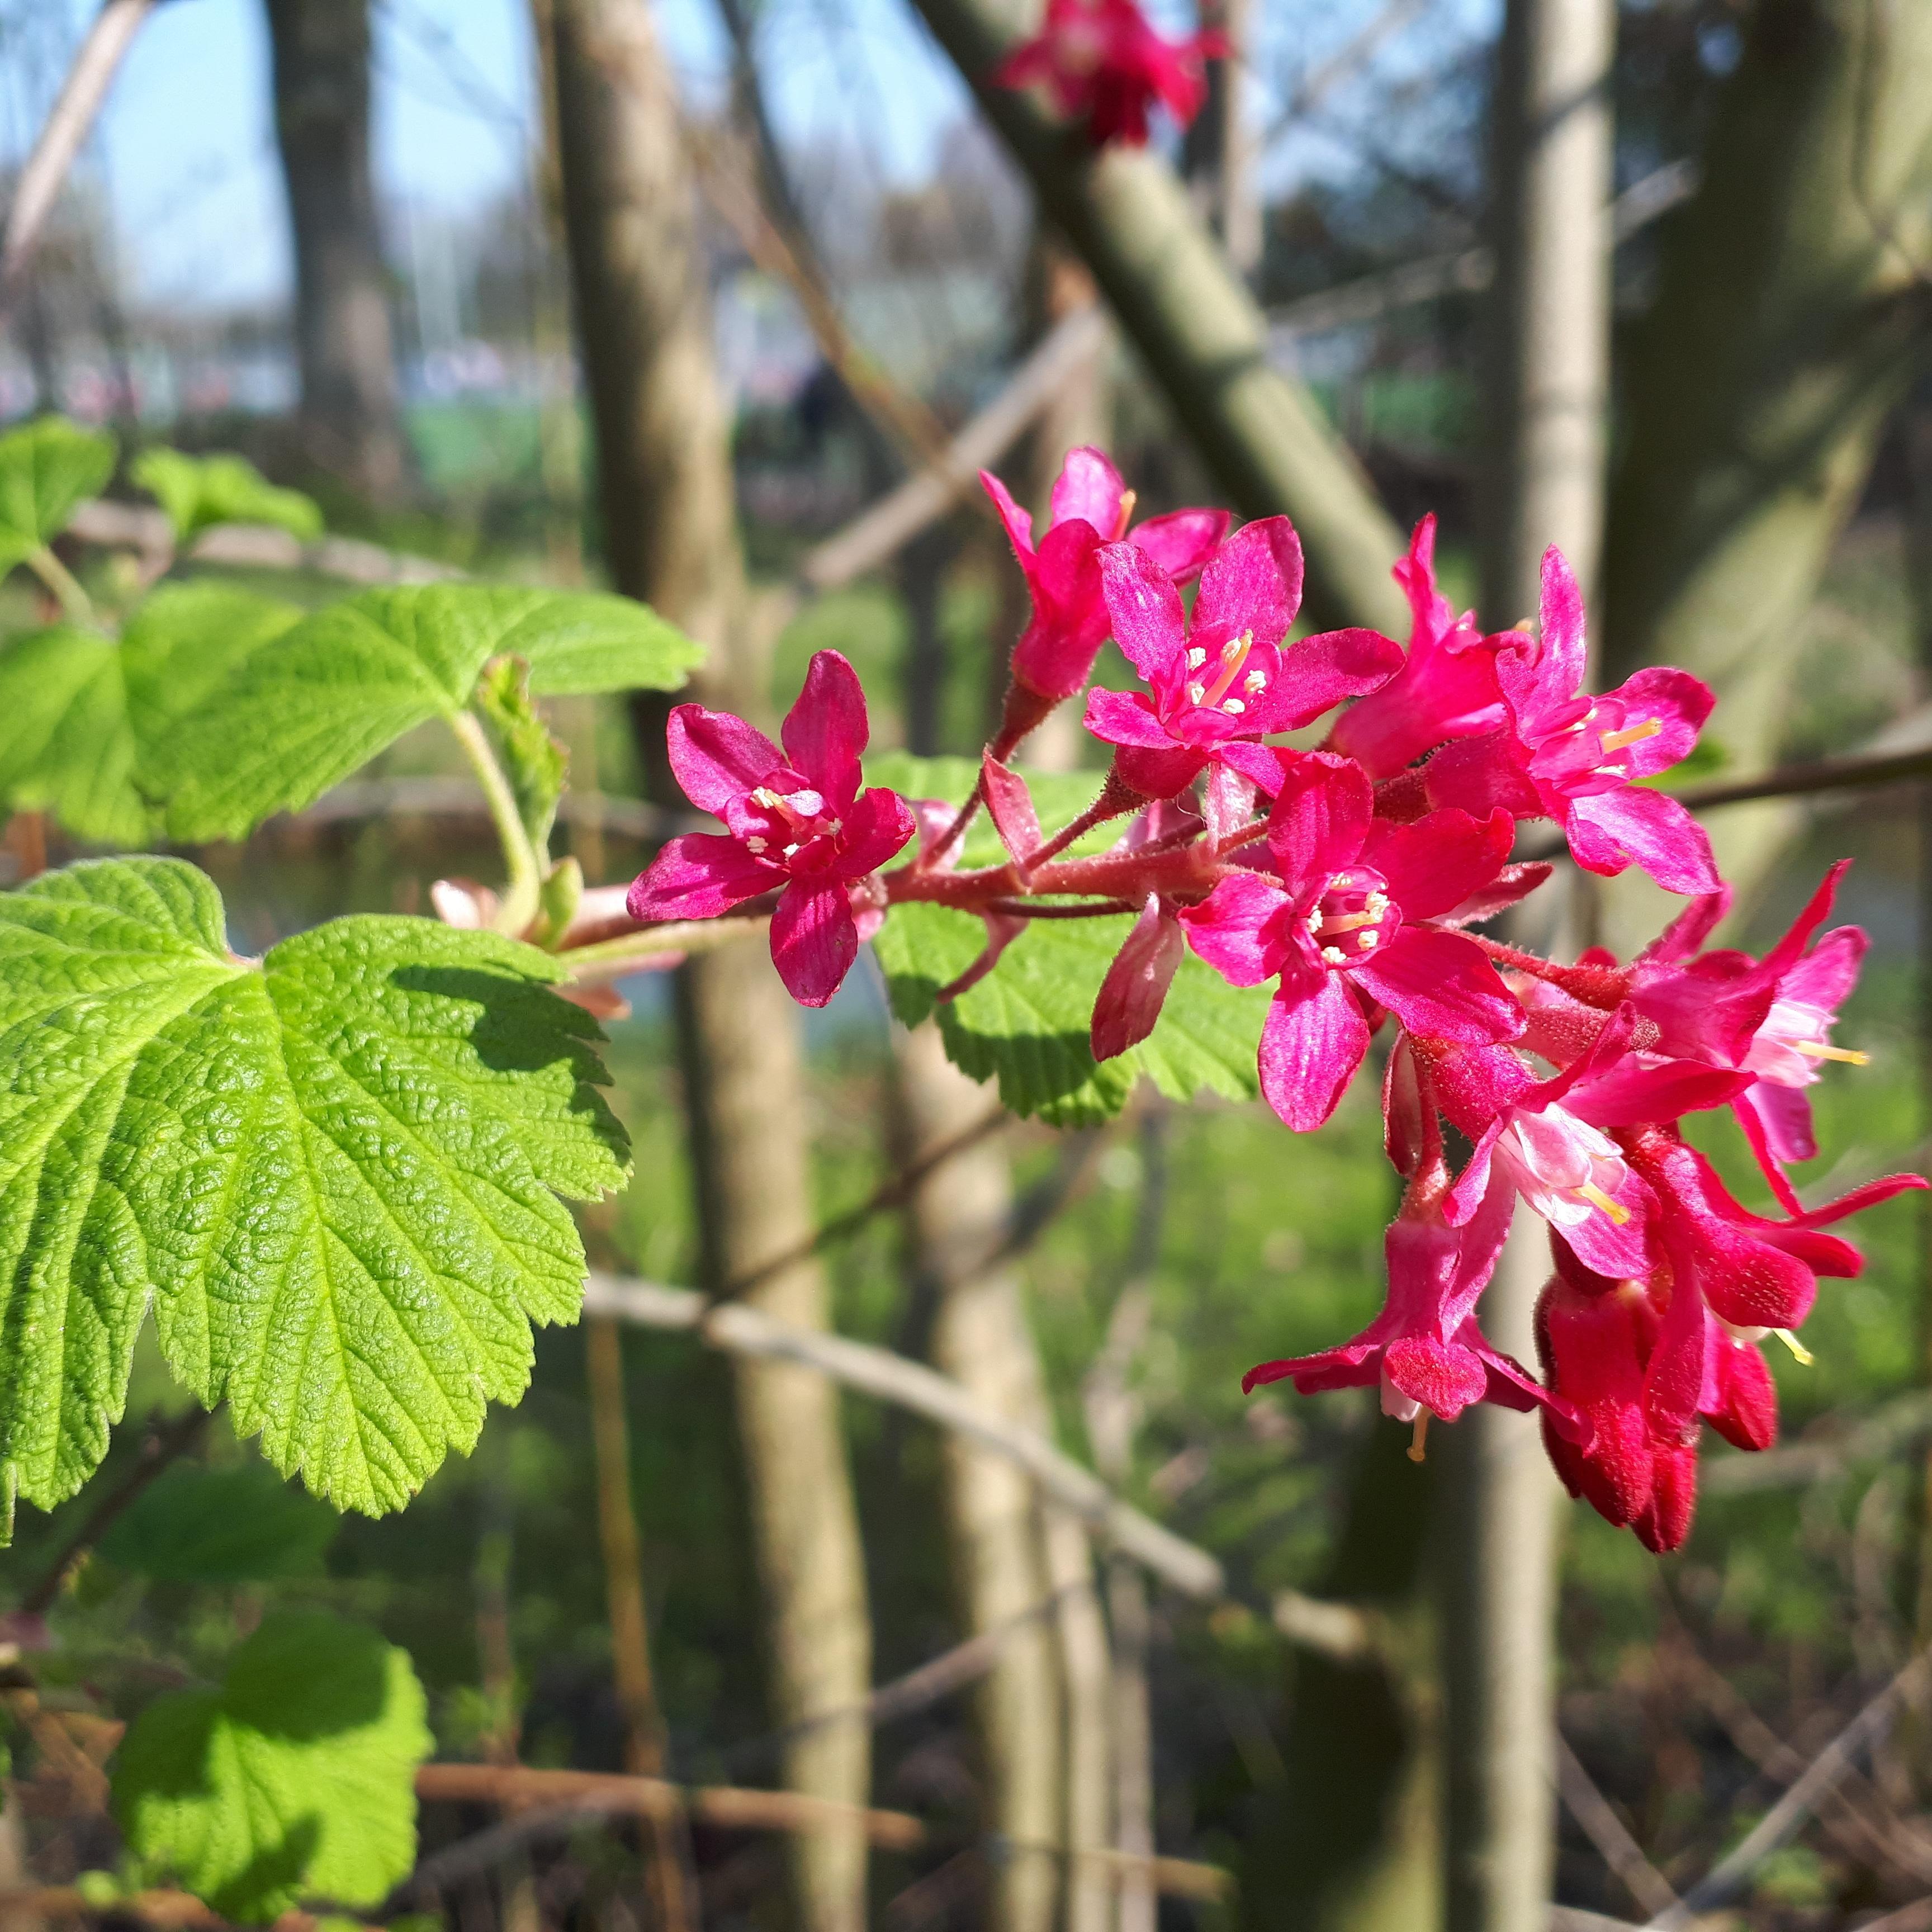 fruit_bush_in_flower_fruit4sport_Amsterdam.jpg